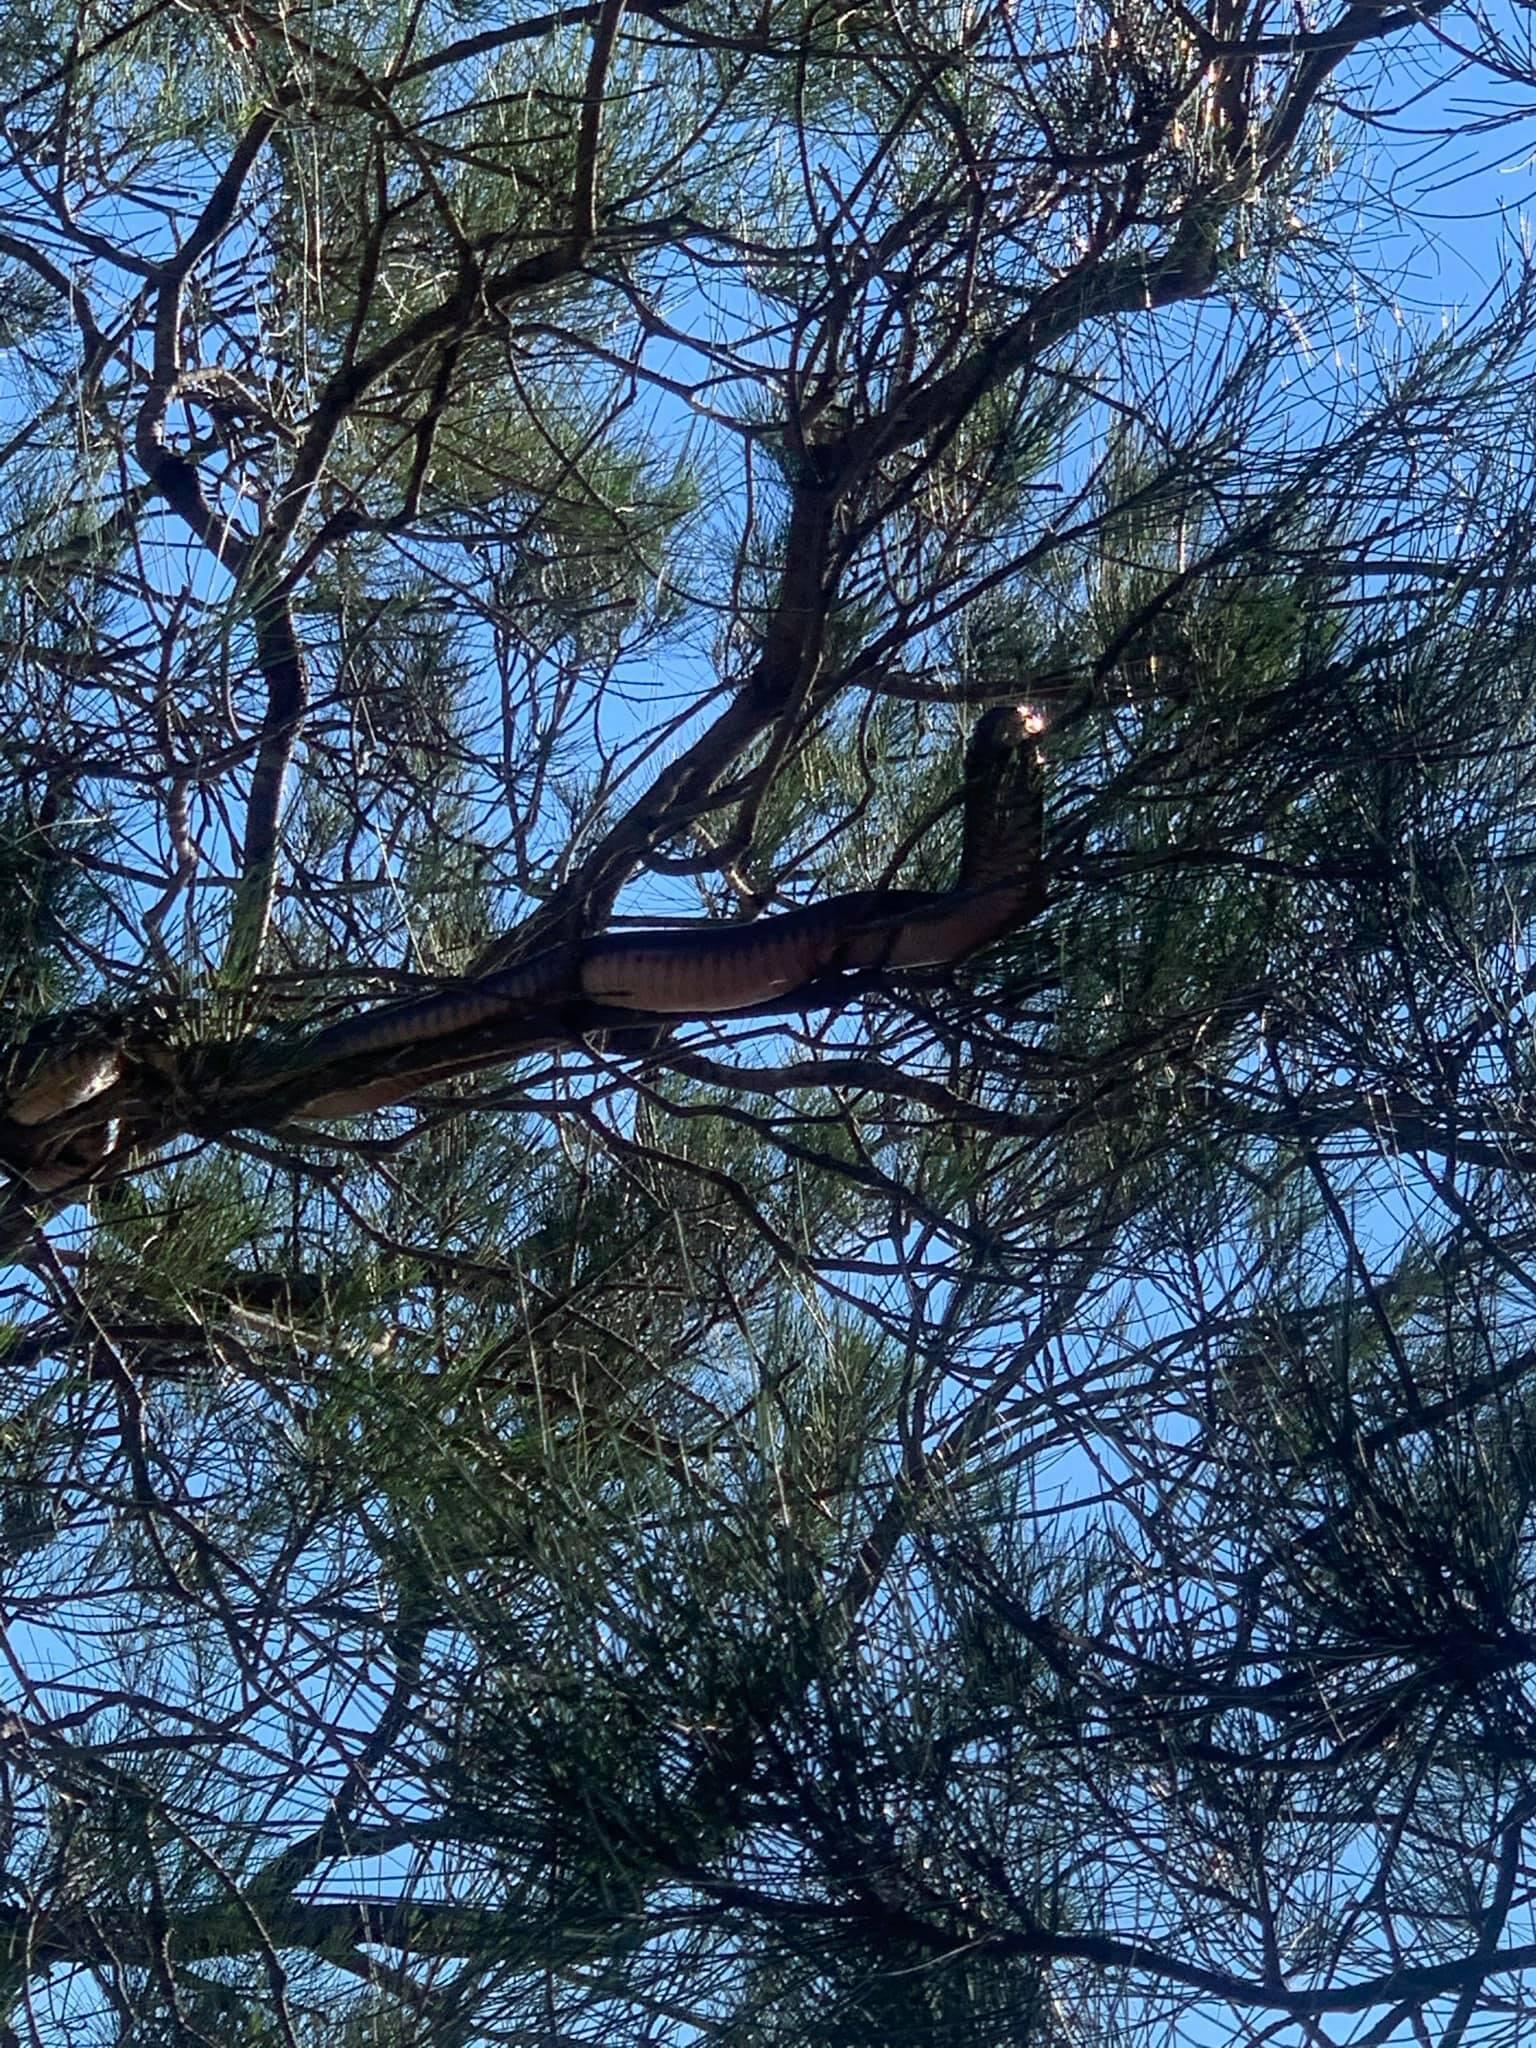 Un serpent dans un arbre le 24 mars 2021 à Kinchela Creek (Australie).